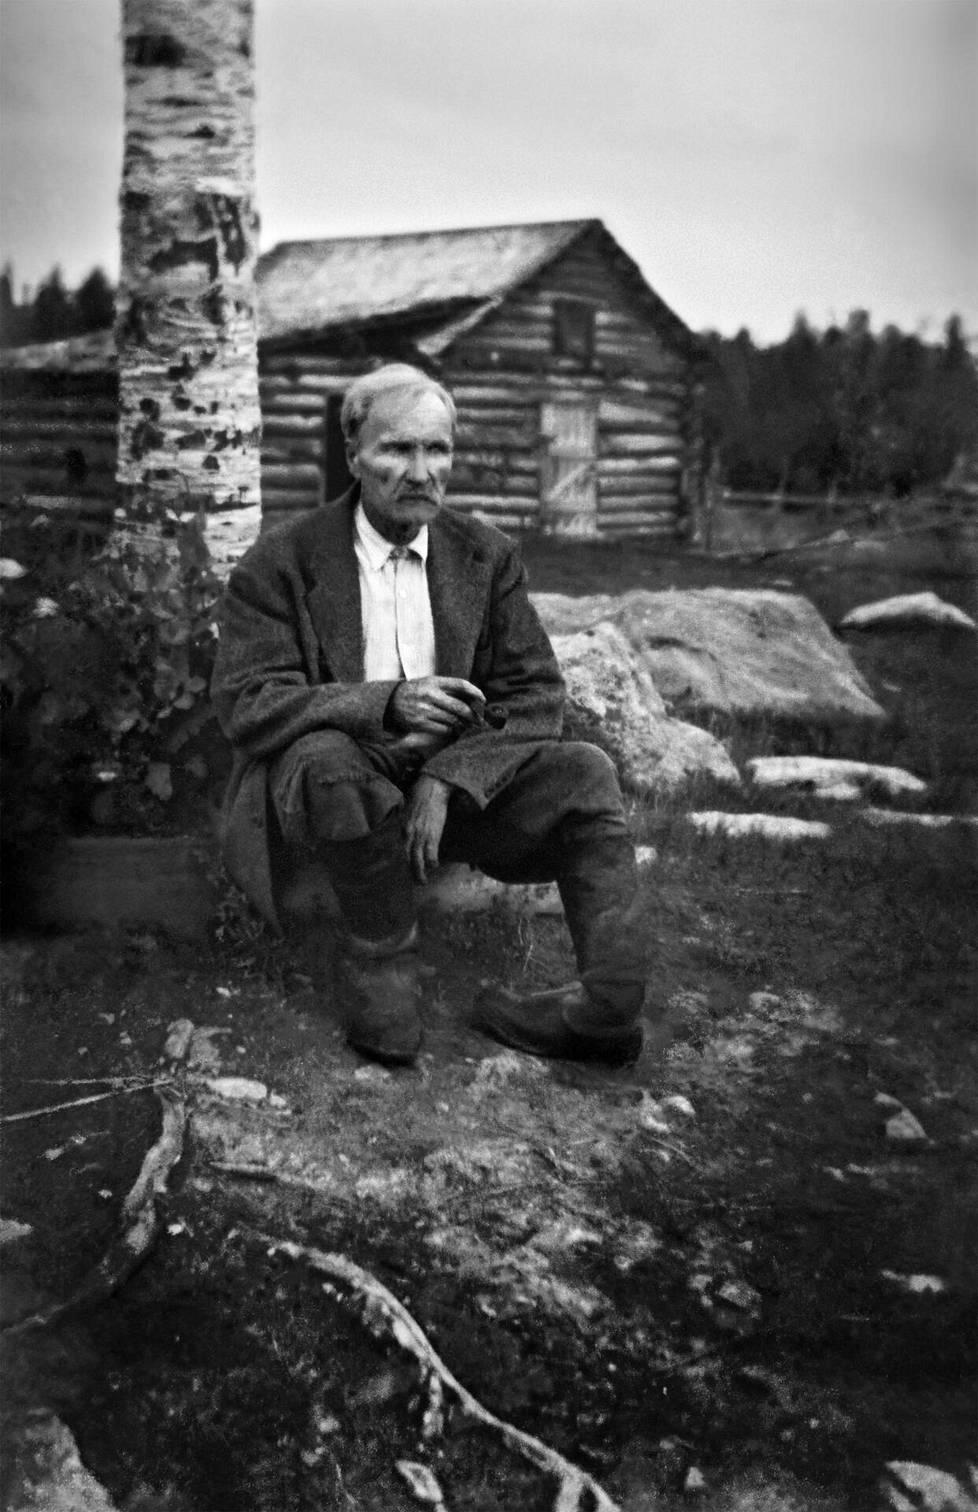 """Nätti-Jussin vasemmassa jalassa oli syntymävika. Häntä pilkattiin """"Kampura-Jussiksi"""", """"Könttäjalaksi"""" ja """"Rujo-Jussiksi"""". Lapsena hän piiloutui kiusaajiltaan. """"Monet itkut minä siellä piilopaikassani itkin ja kyselin Jumalalta, miksi hän oli minut tällaiseksi rujoksi luonut"""", hän kertoi vuonna 1956 kirjan Nätti-Jussi – elämä ja tarinat mukaan. Suojakilveksi kiusaa vastaan hän kehitteli tarinoitaan."""